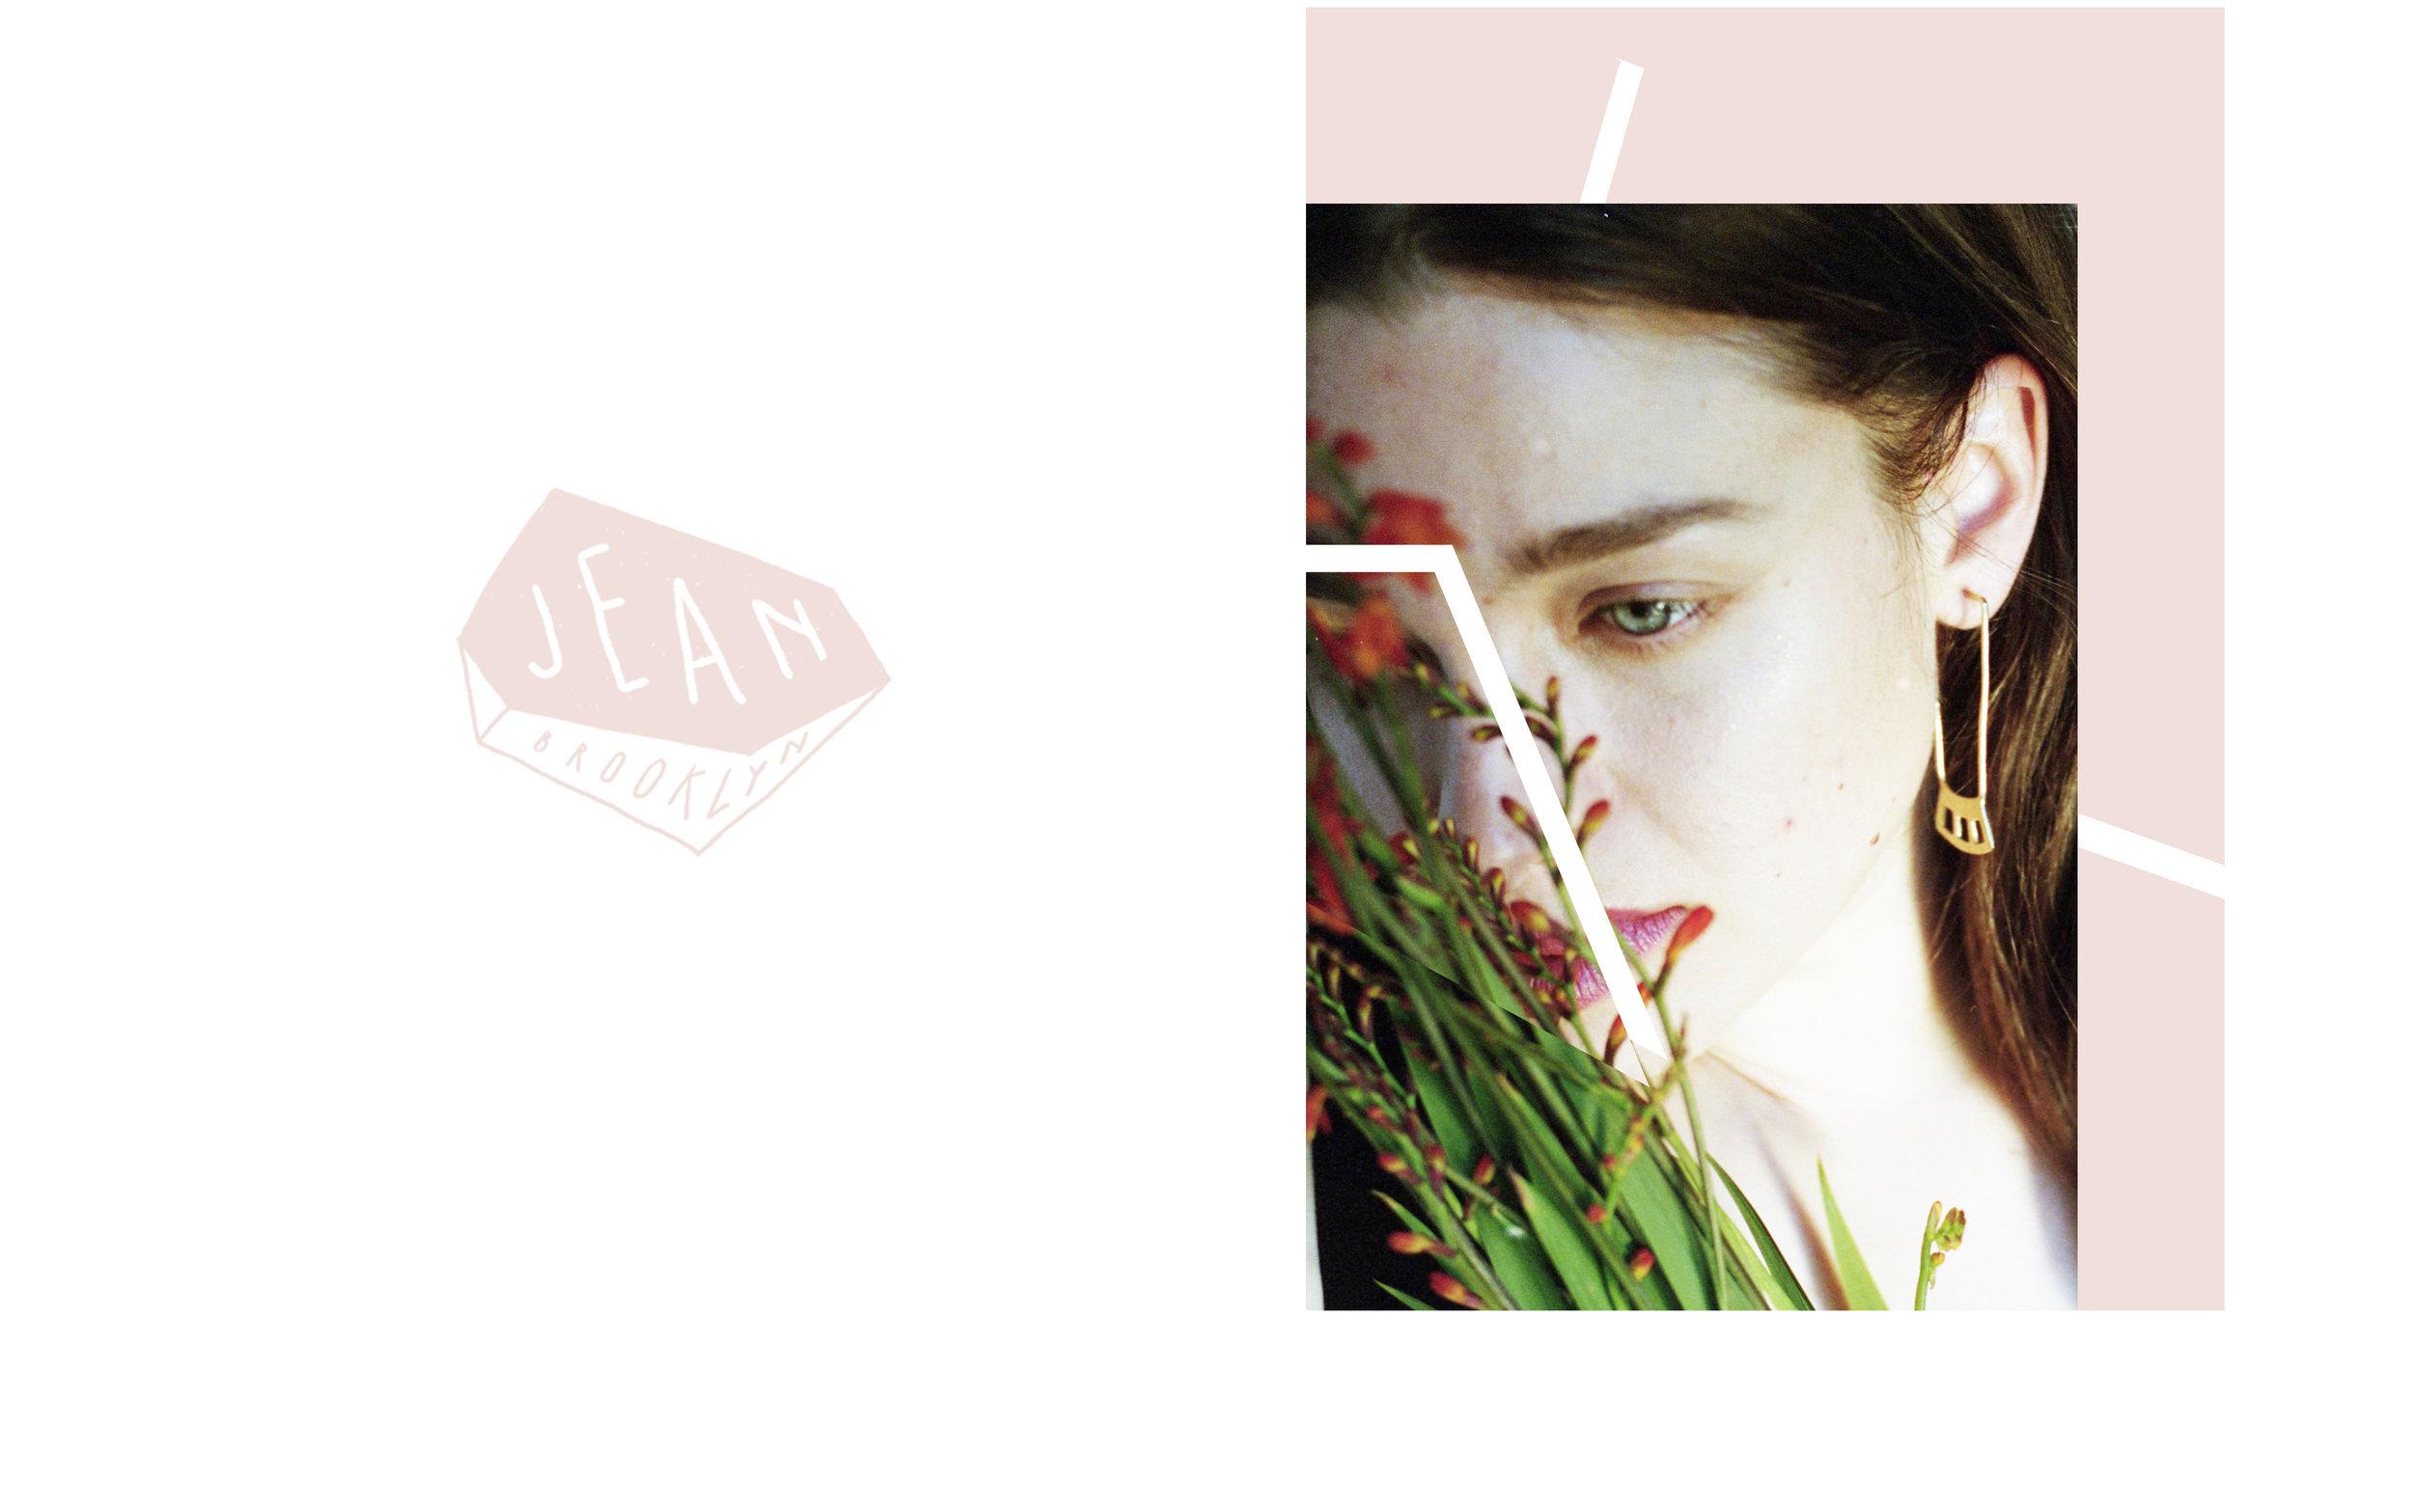 JEAN00 (1) copy.jpg